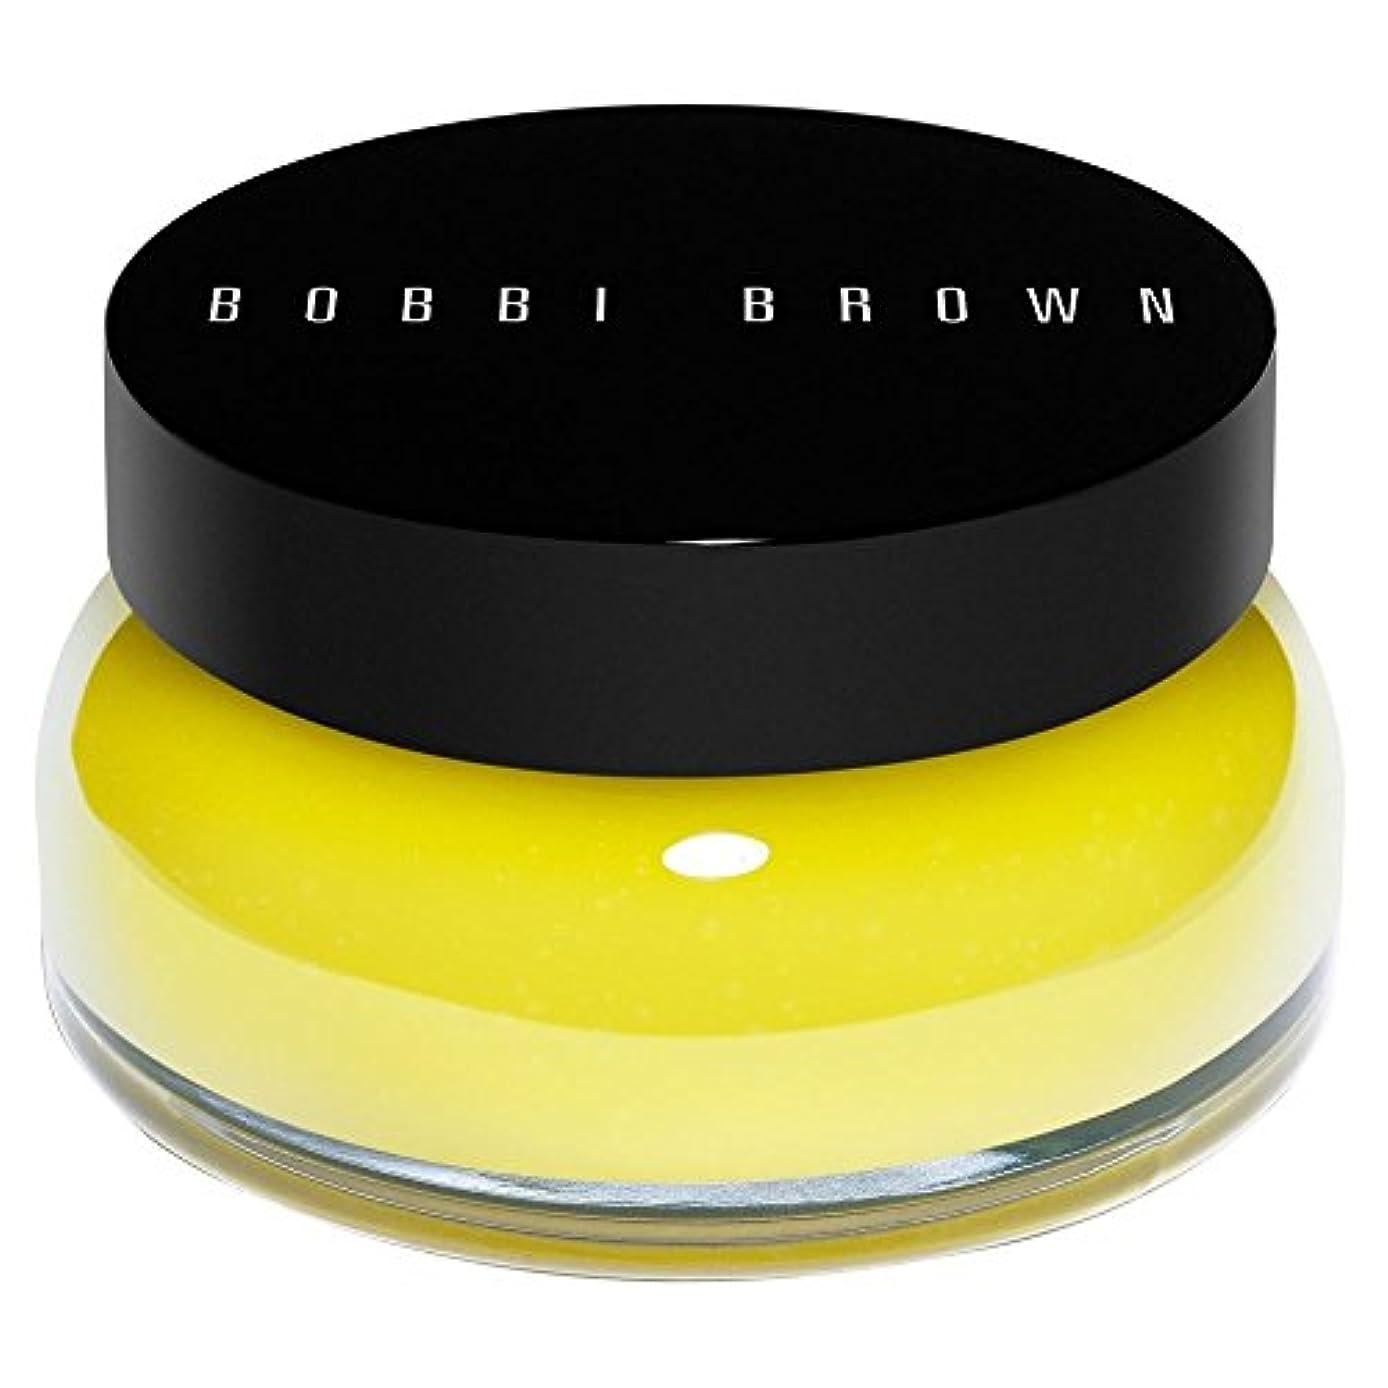 追加船尾枯れる[Bobbi Brown] ボビーブラウンエクストラバームリンス - Bobbi Brown Extra Balm Rinse [並行輸入品]